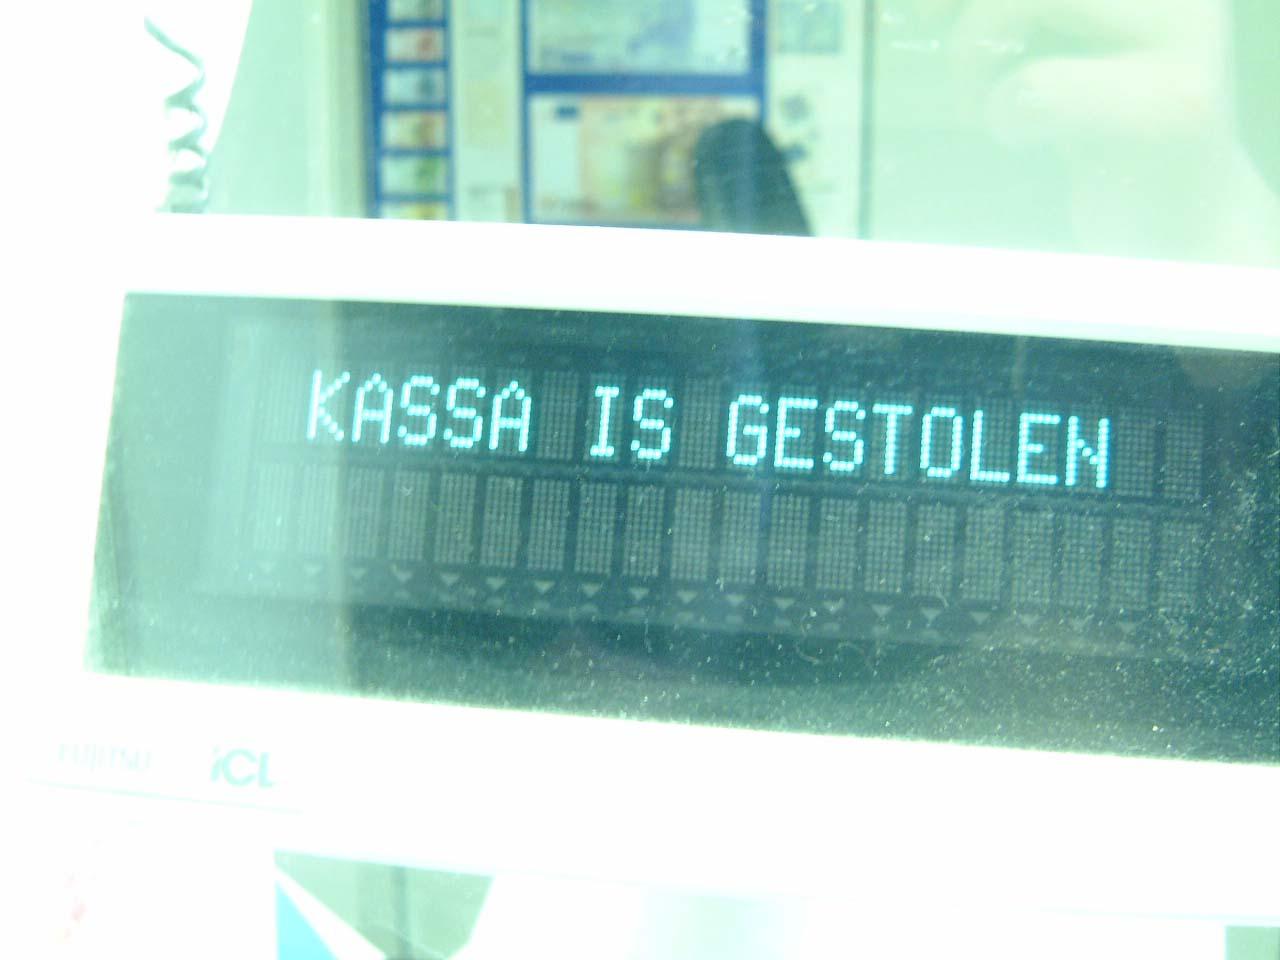 scripts typography maartent cashregister typo cashregister has been stolen kassa is gestolen sanserif matrix